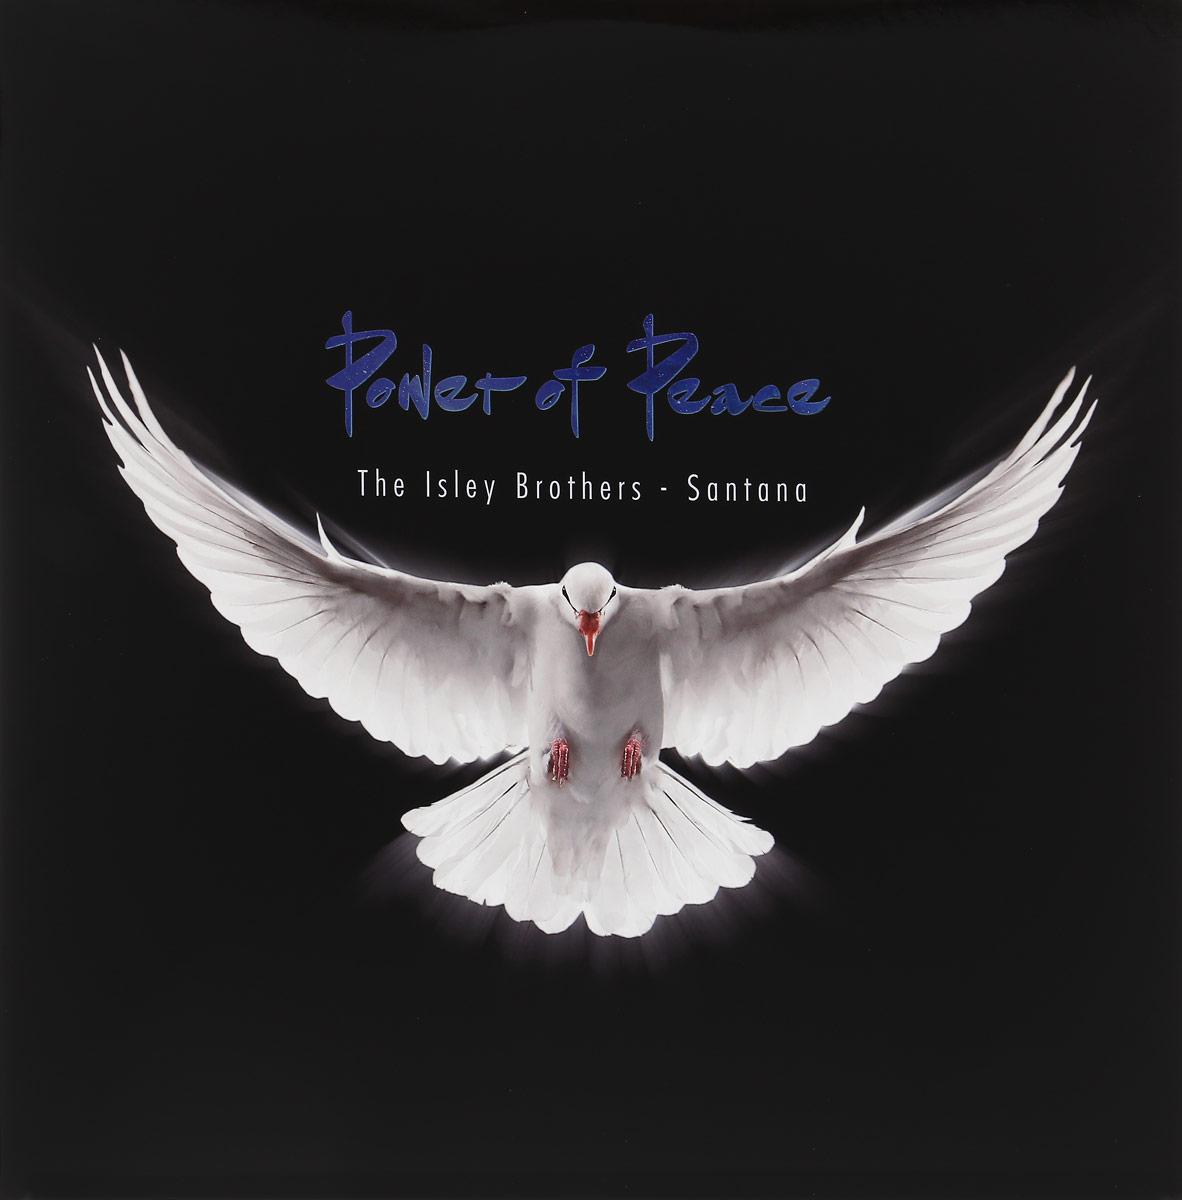 Карлос Сантана,The Isley Brothers Carlos Santana, The Isley Brothers. Power Of Peace (2 LP) isley brothers isley brothers this old heart of mine